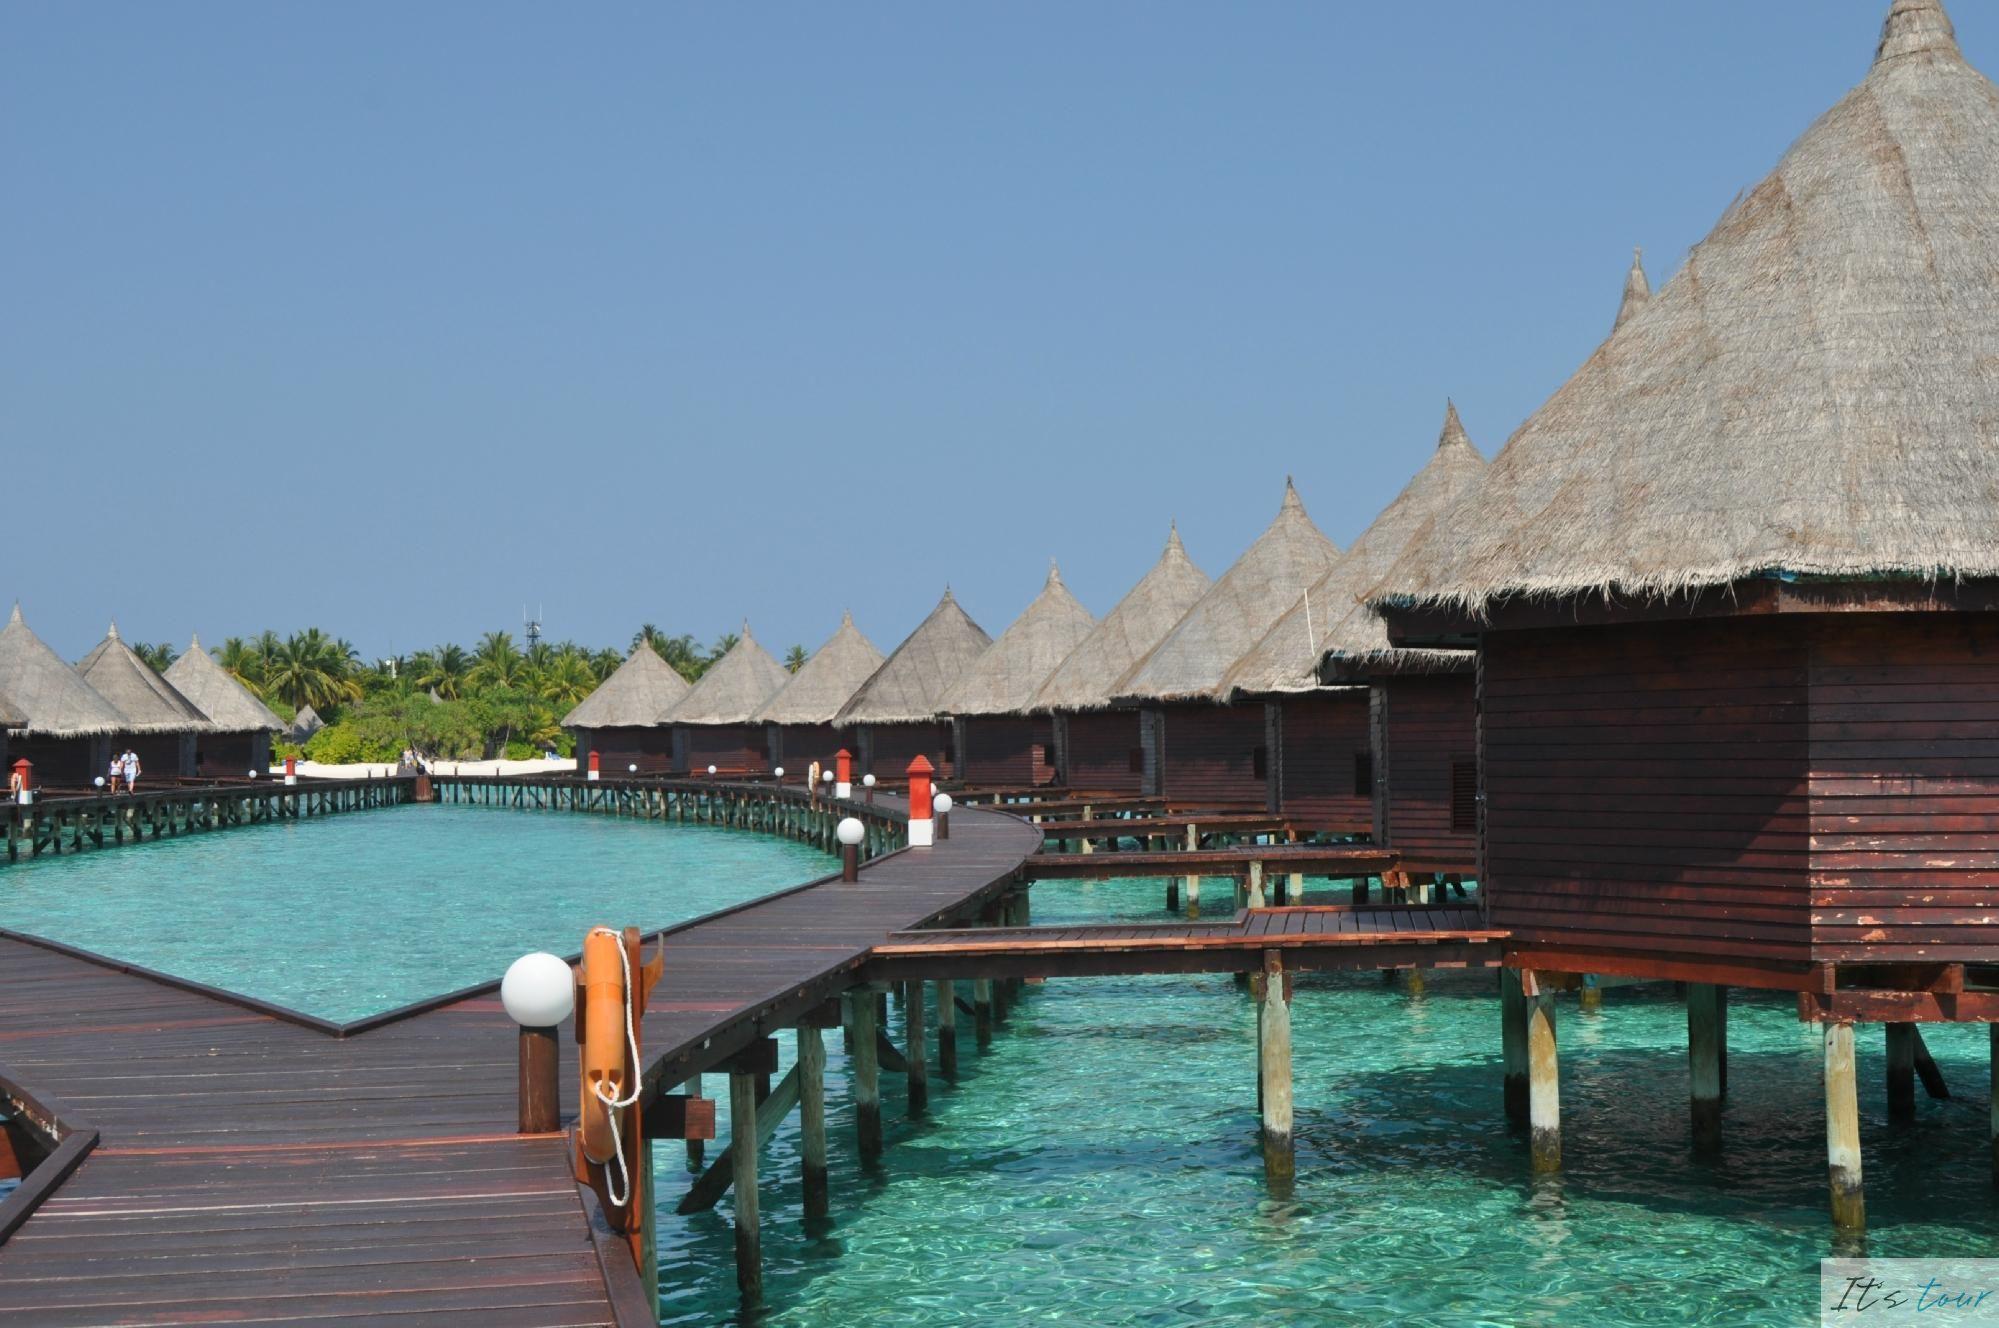 马尔代夫奥瑞格岛7天5晚自由行(q2直飞,2沙2水,内飞